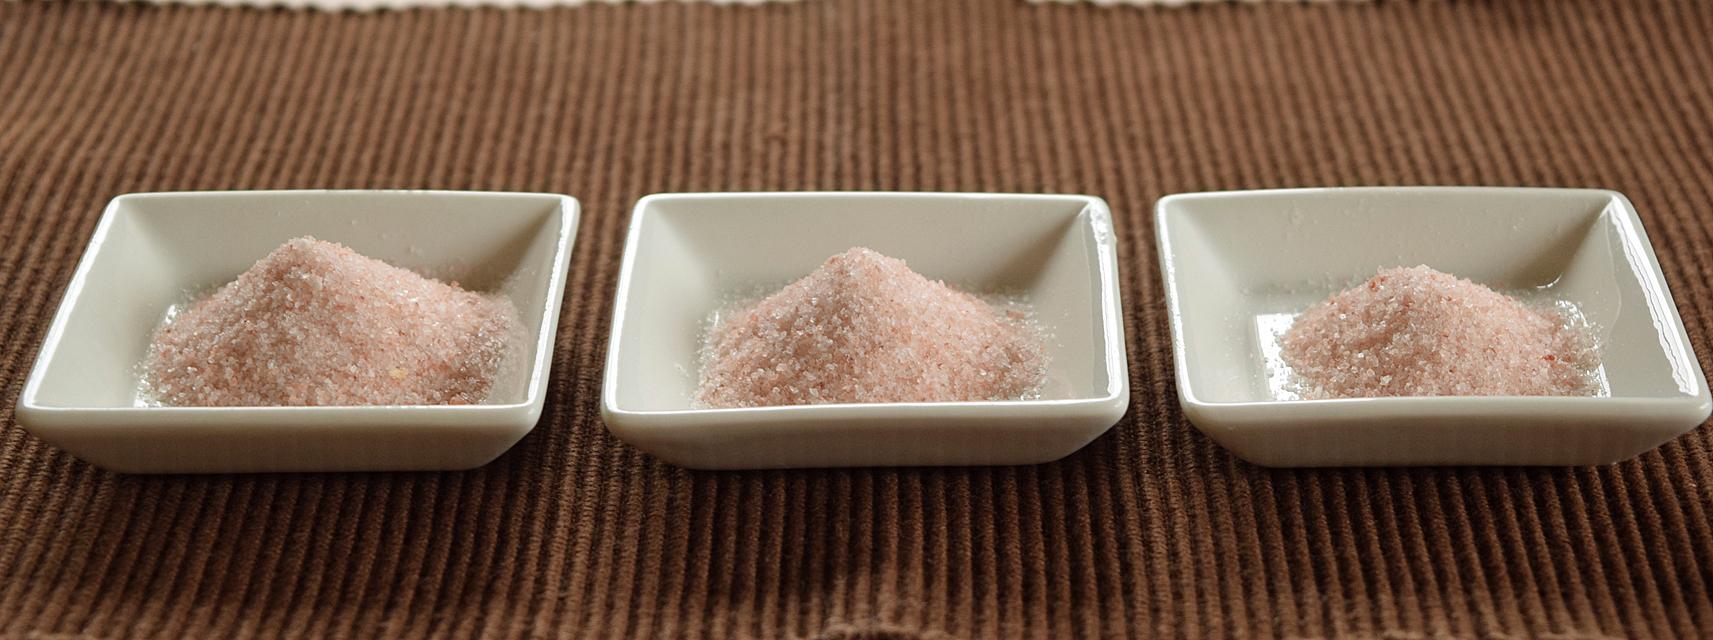 食塩摂取量 女性全国平均値、日本基準、世界基準